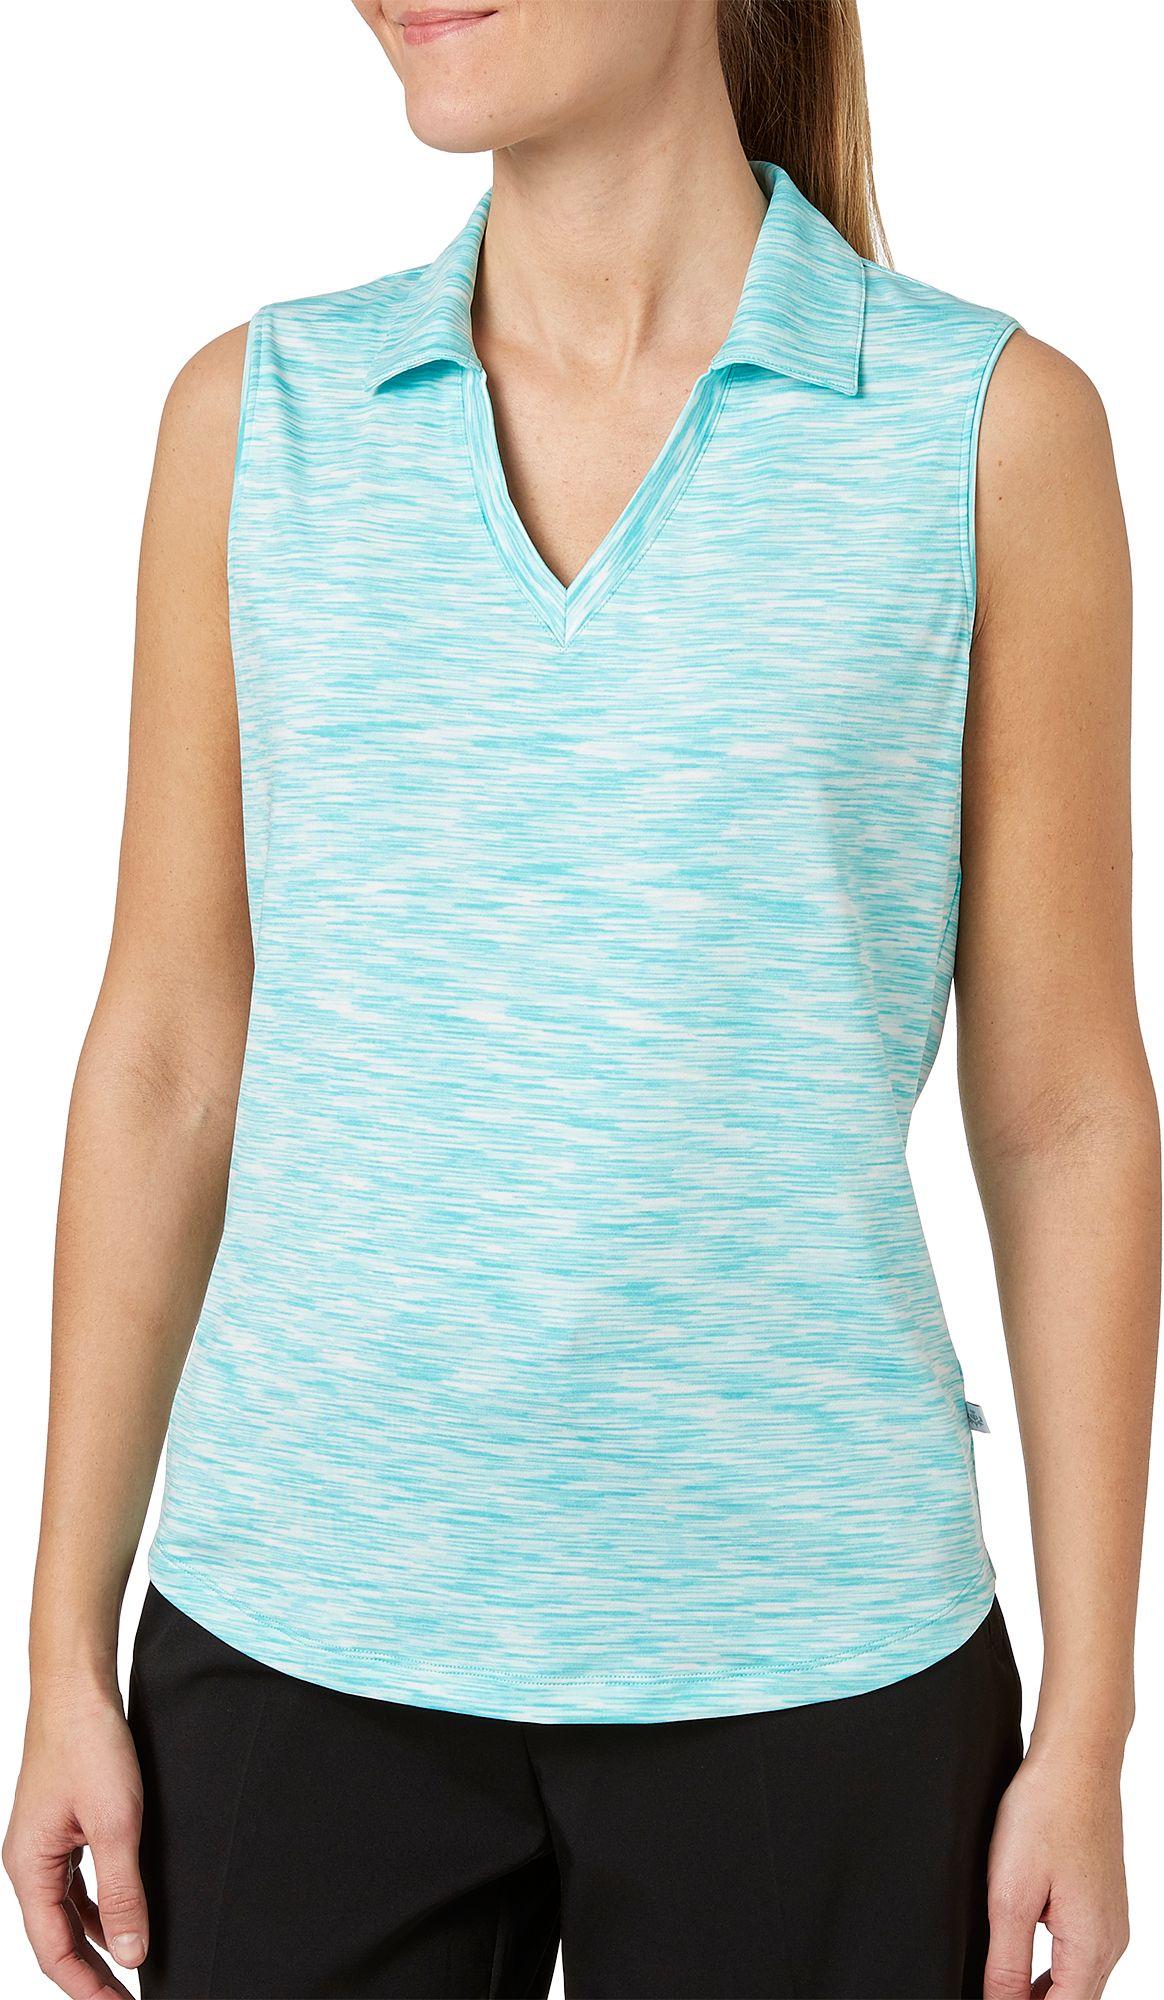 c62efa75e91afe Lady Hagen Sleeveless Golf Shirts - BCD Tofu House